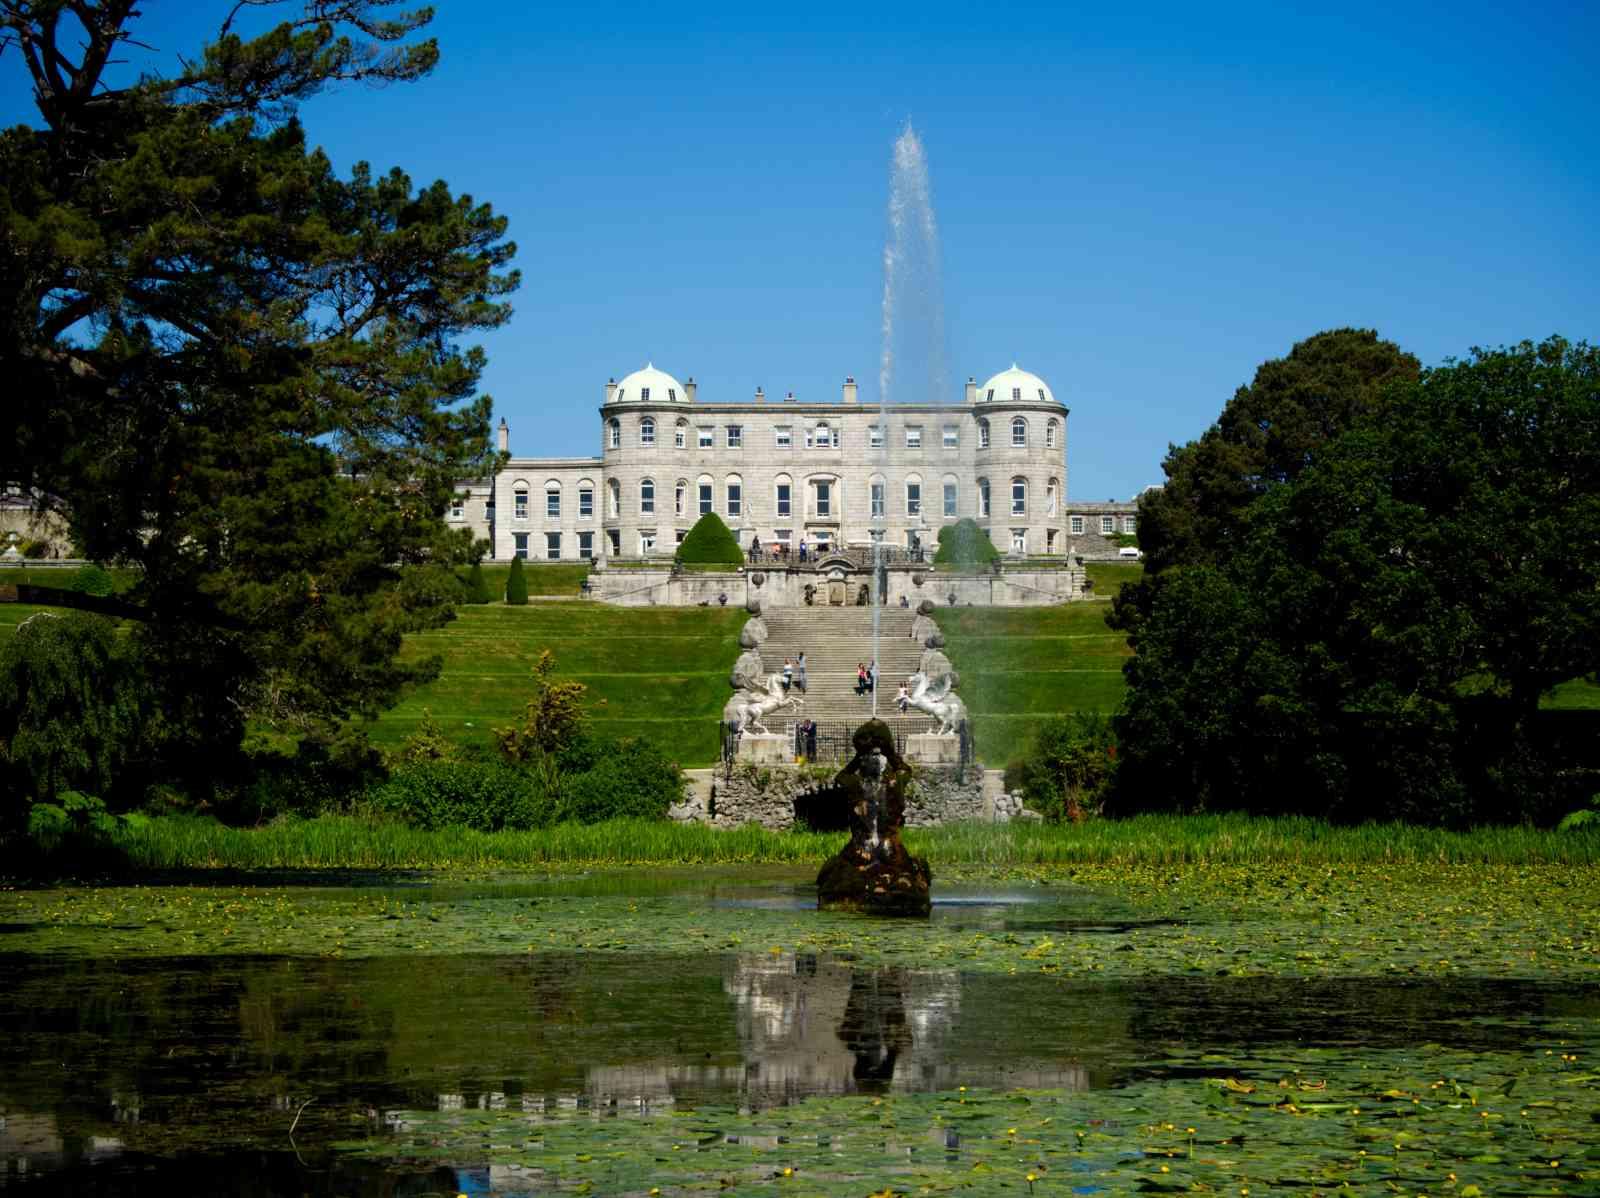 Irland - Powerscourt Garden